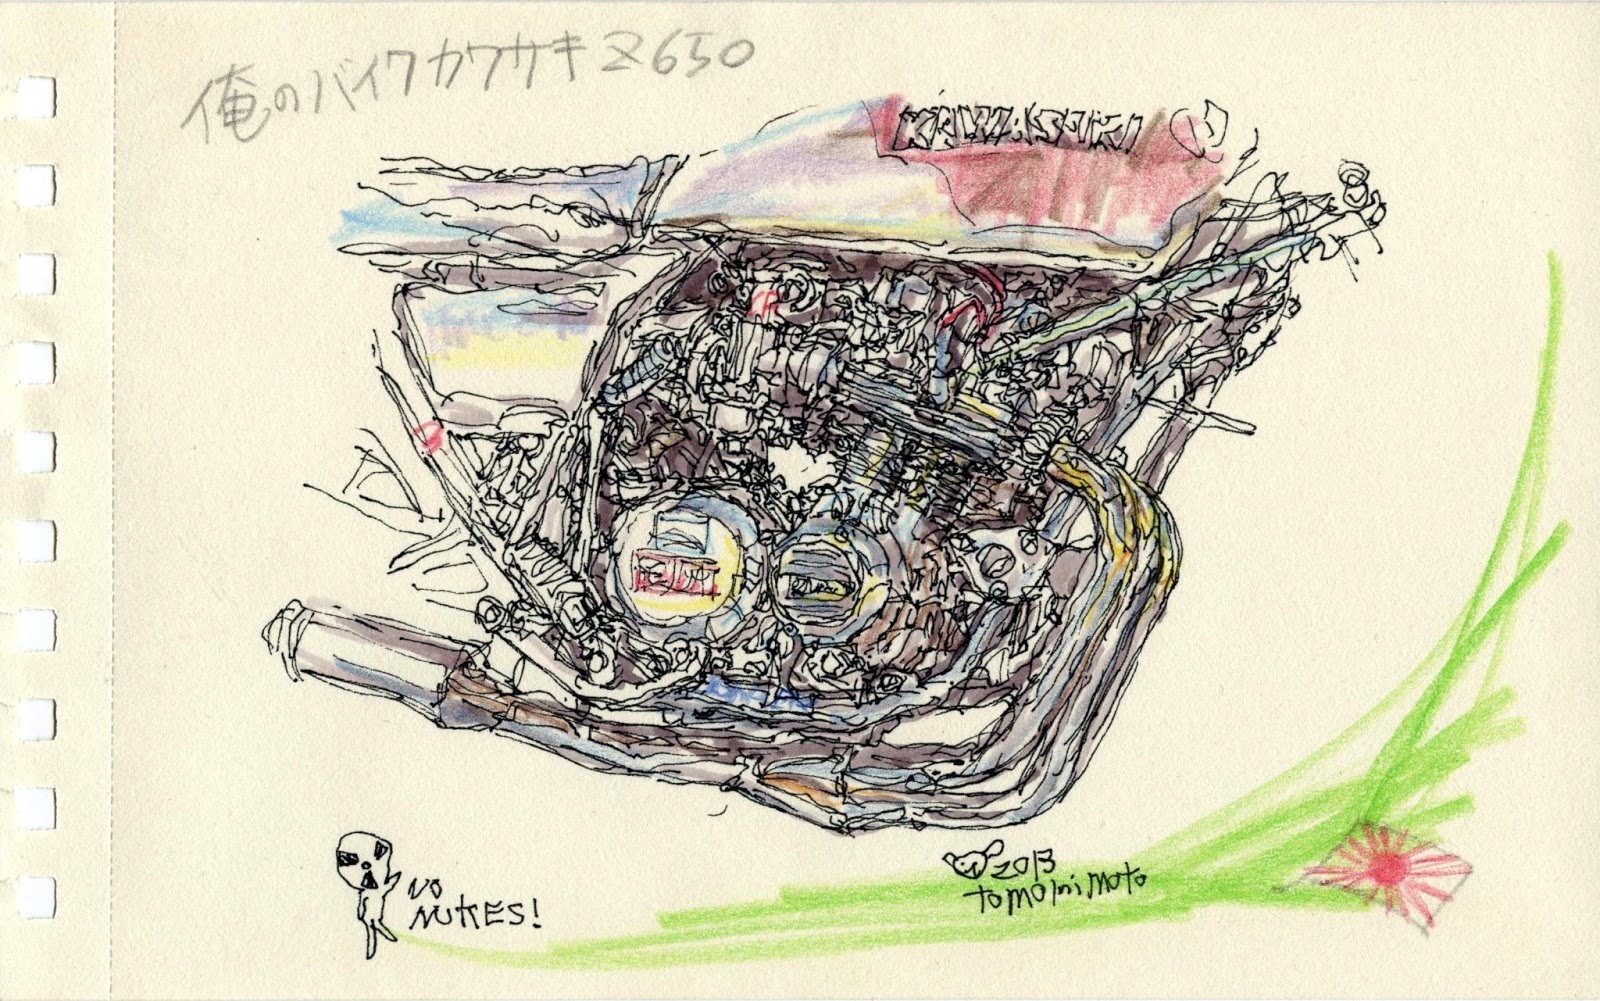 kawasaki z650 drawing